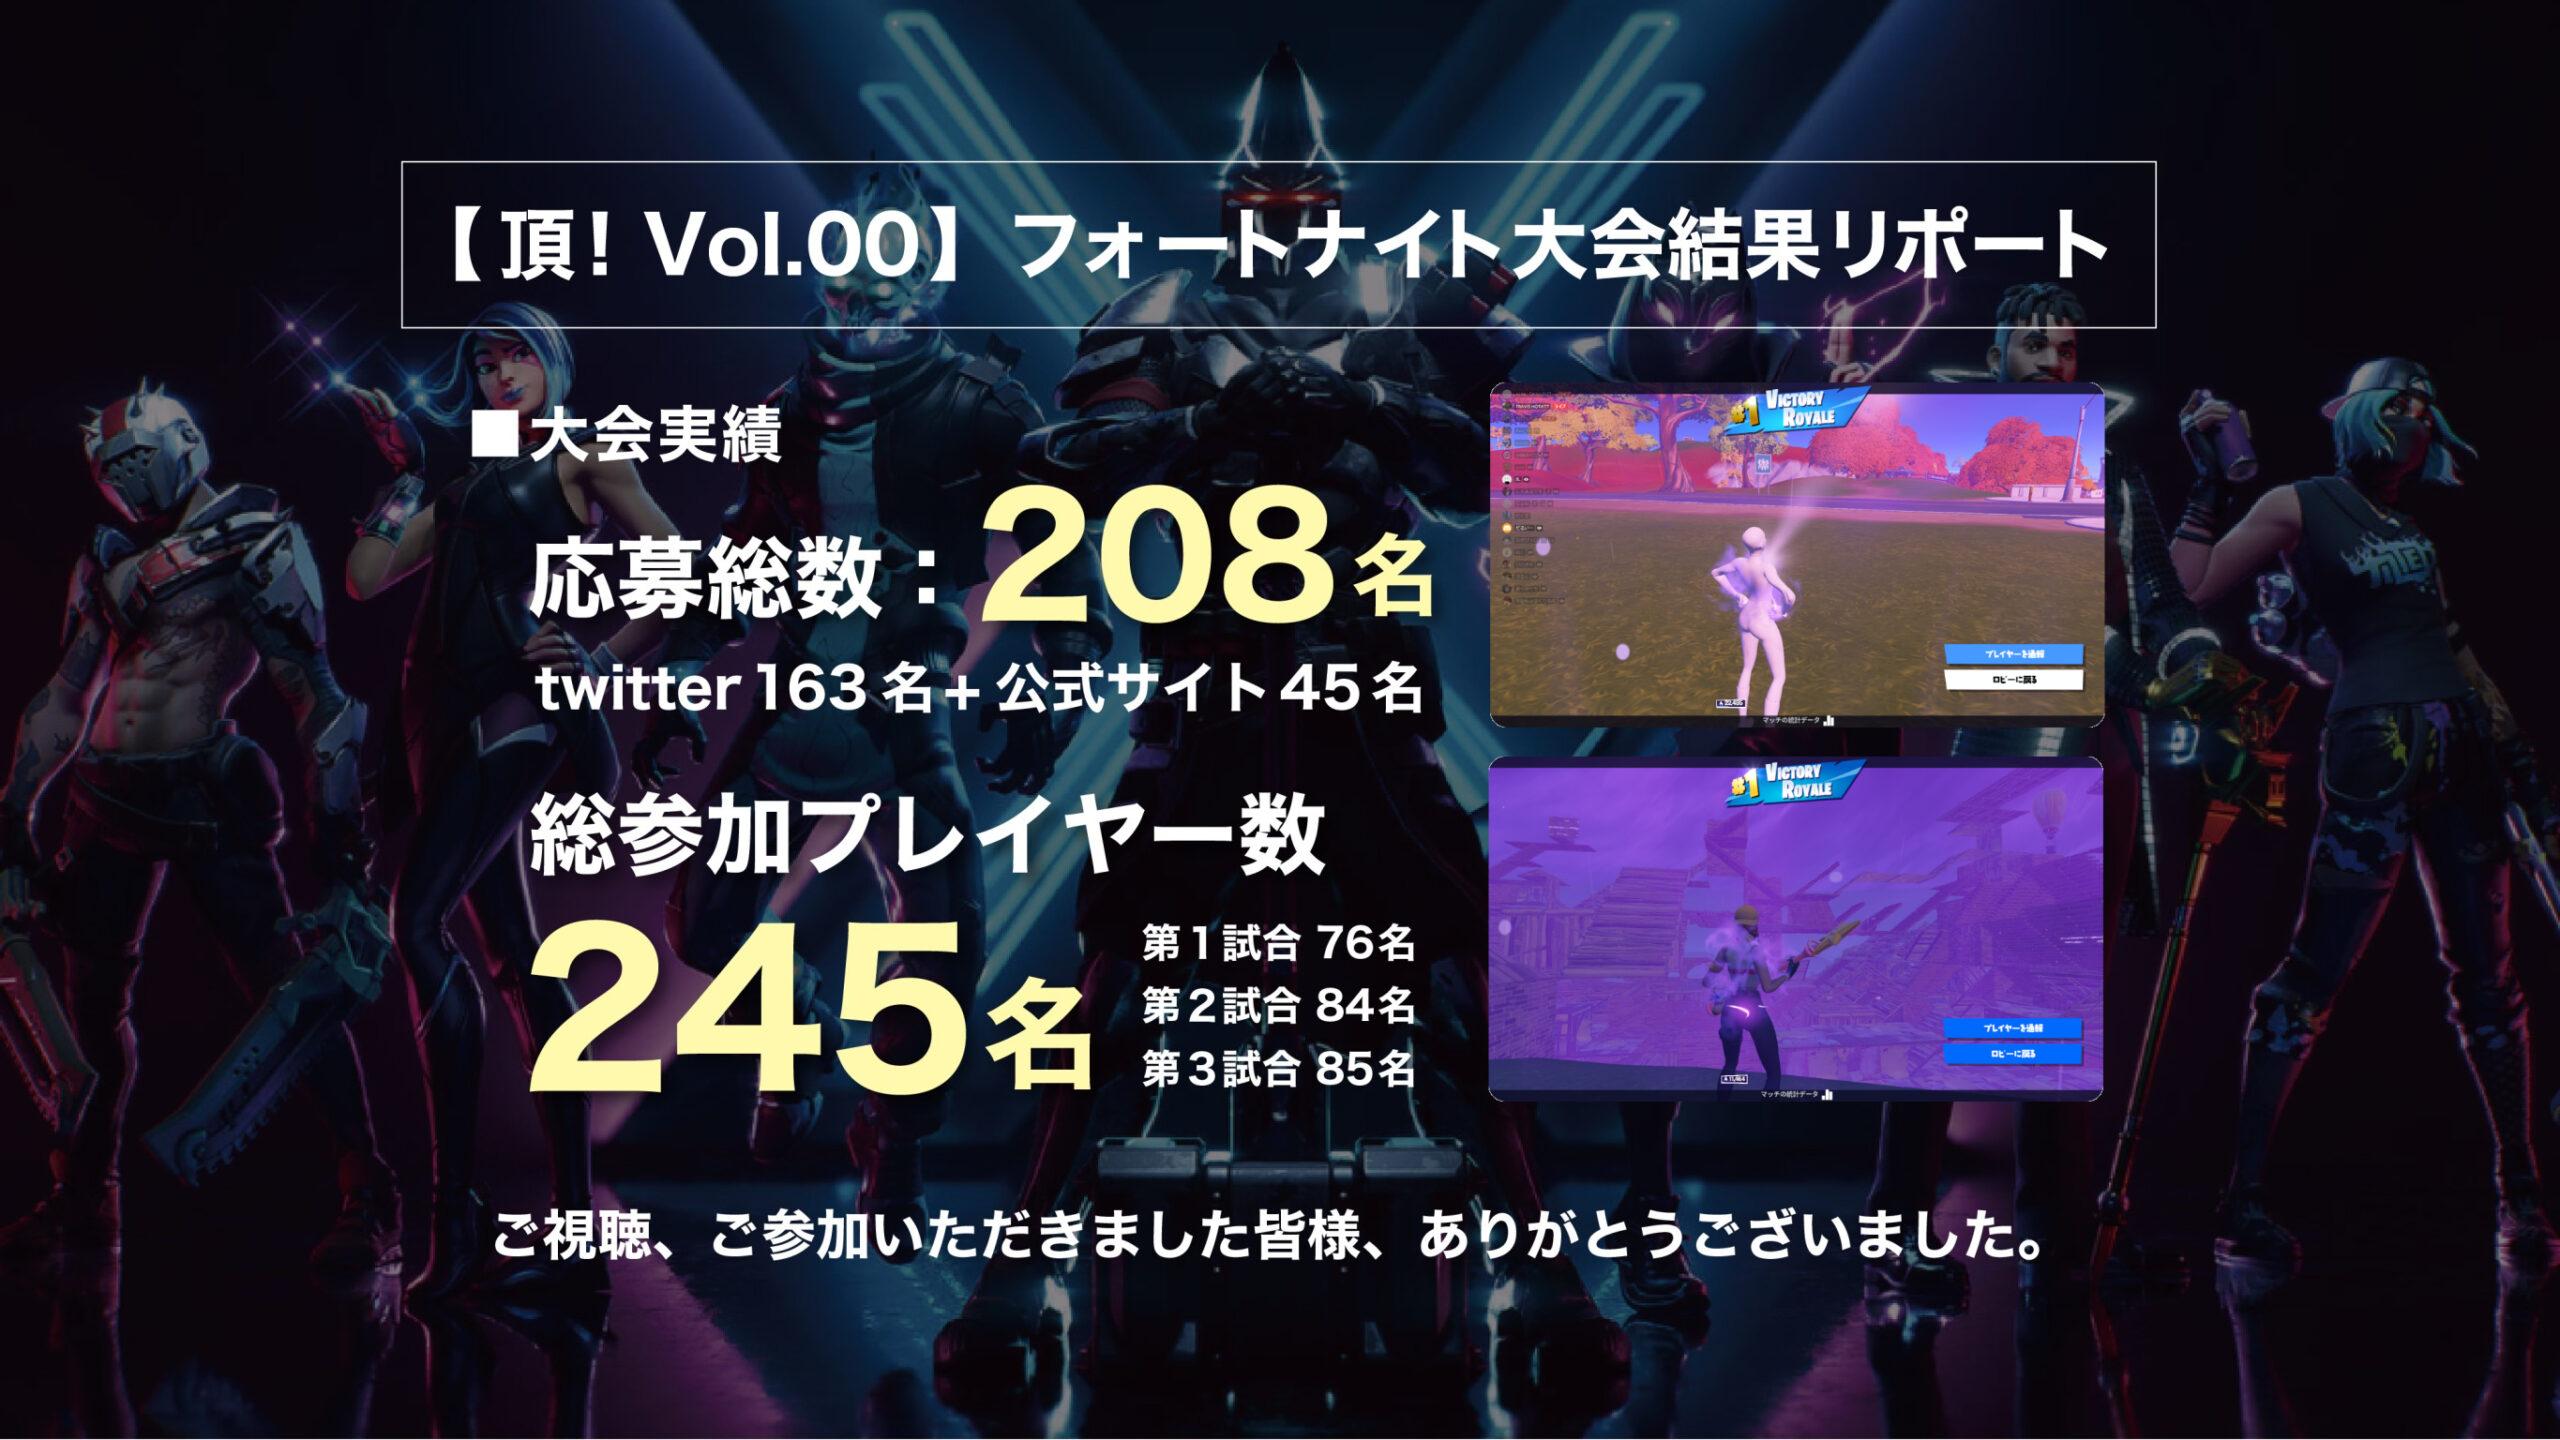 【頂!Vol.00】フォートナイト大会結果のお知らせ